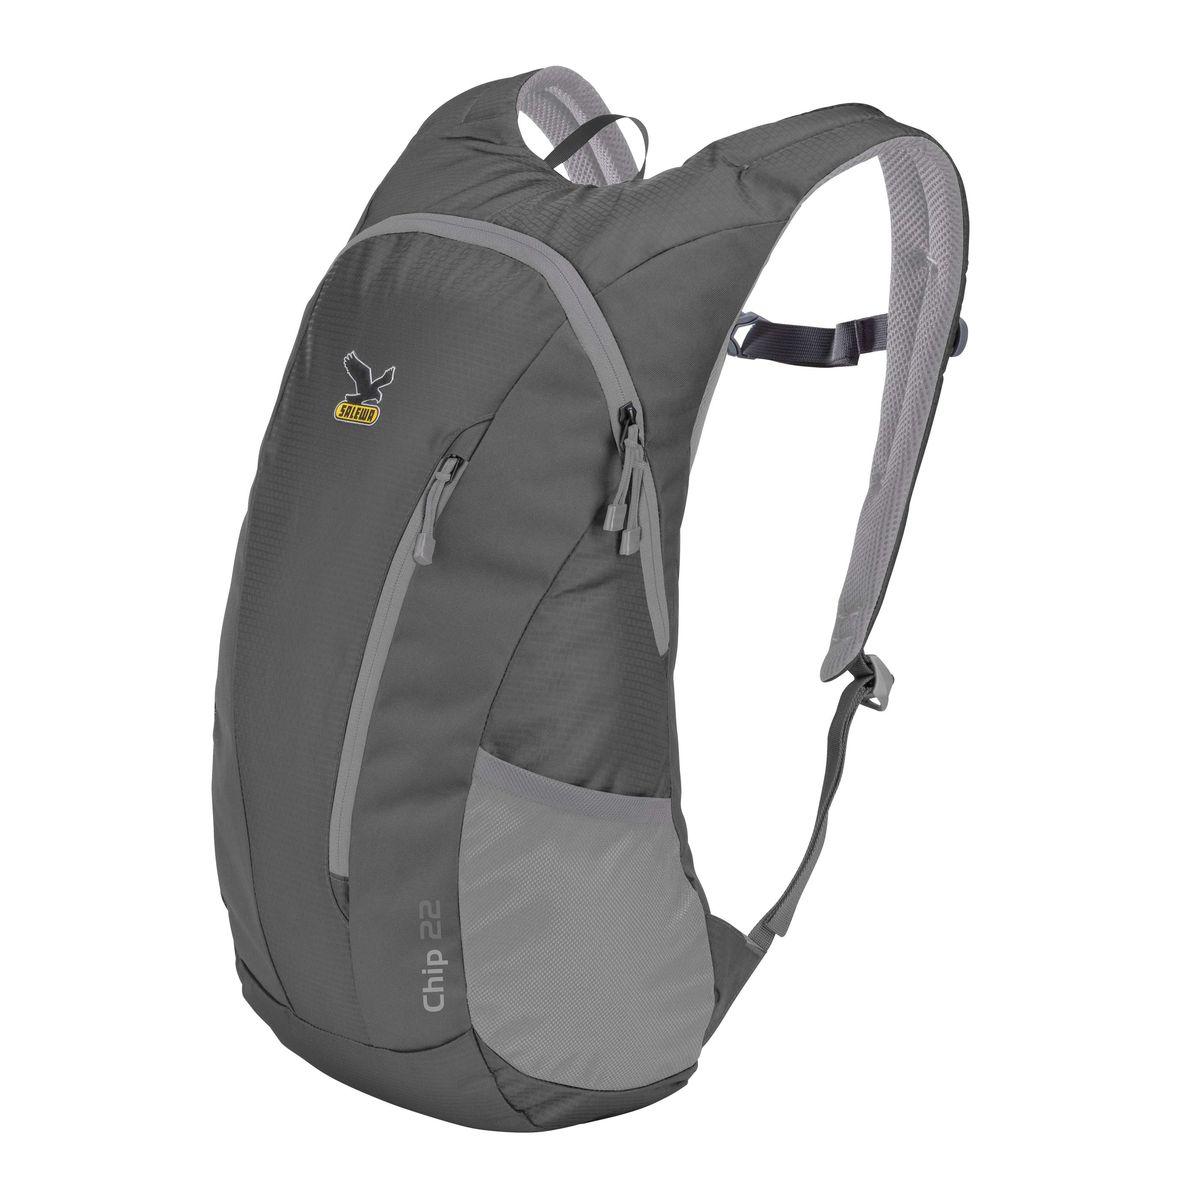 Рюкзак городской Salewa Daypacks CHIP 22, цвет: темно-серый, 22л1130_780Компактный городской рюкзак для повседневного использования и активного досуга. Comfort Fit обеспечивает комфортное распределение нагрузки и вентиляцию. Особенности: - переднее отделение - боковые карманы